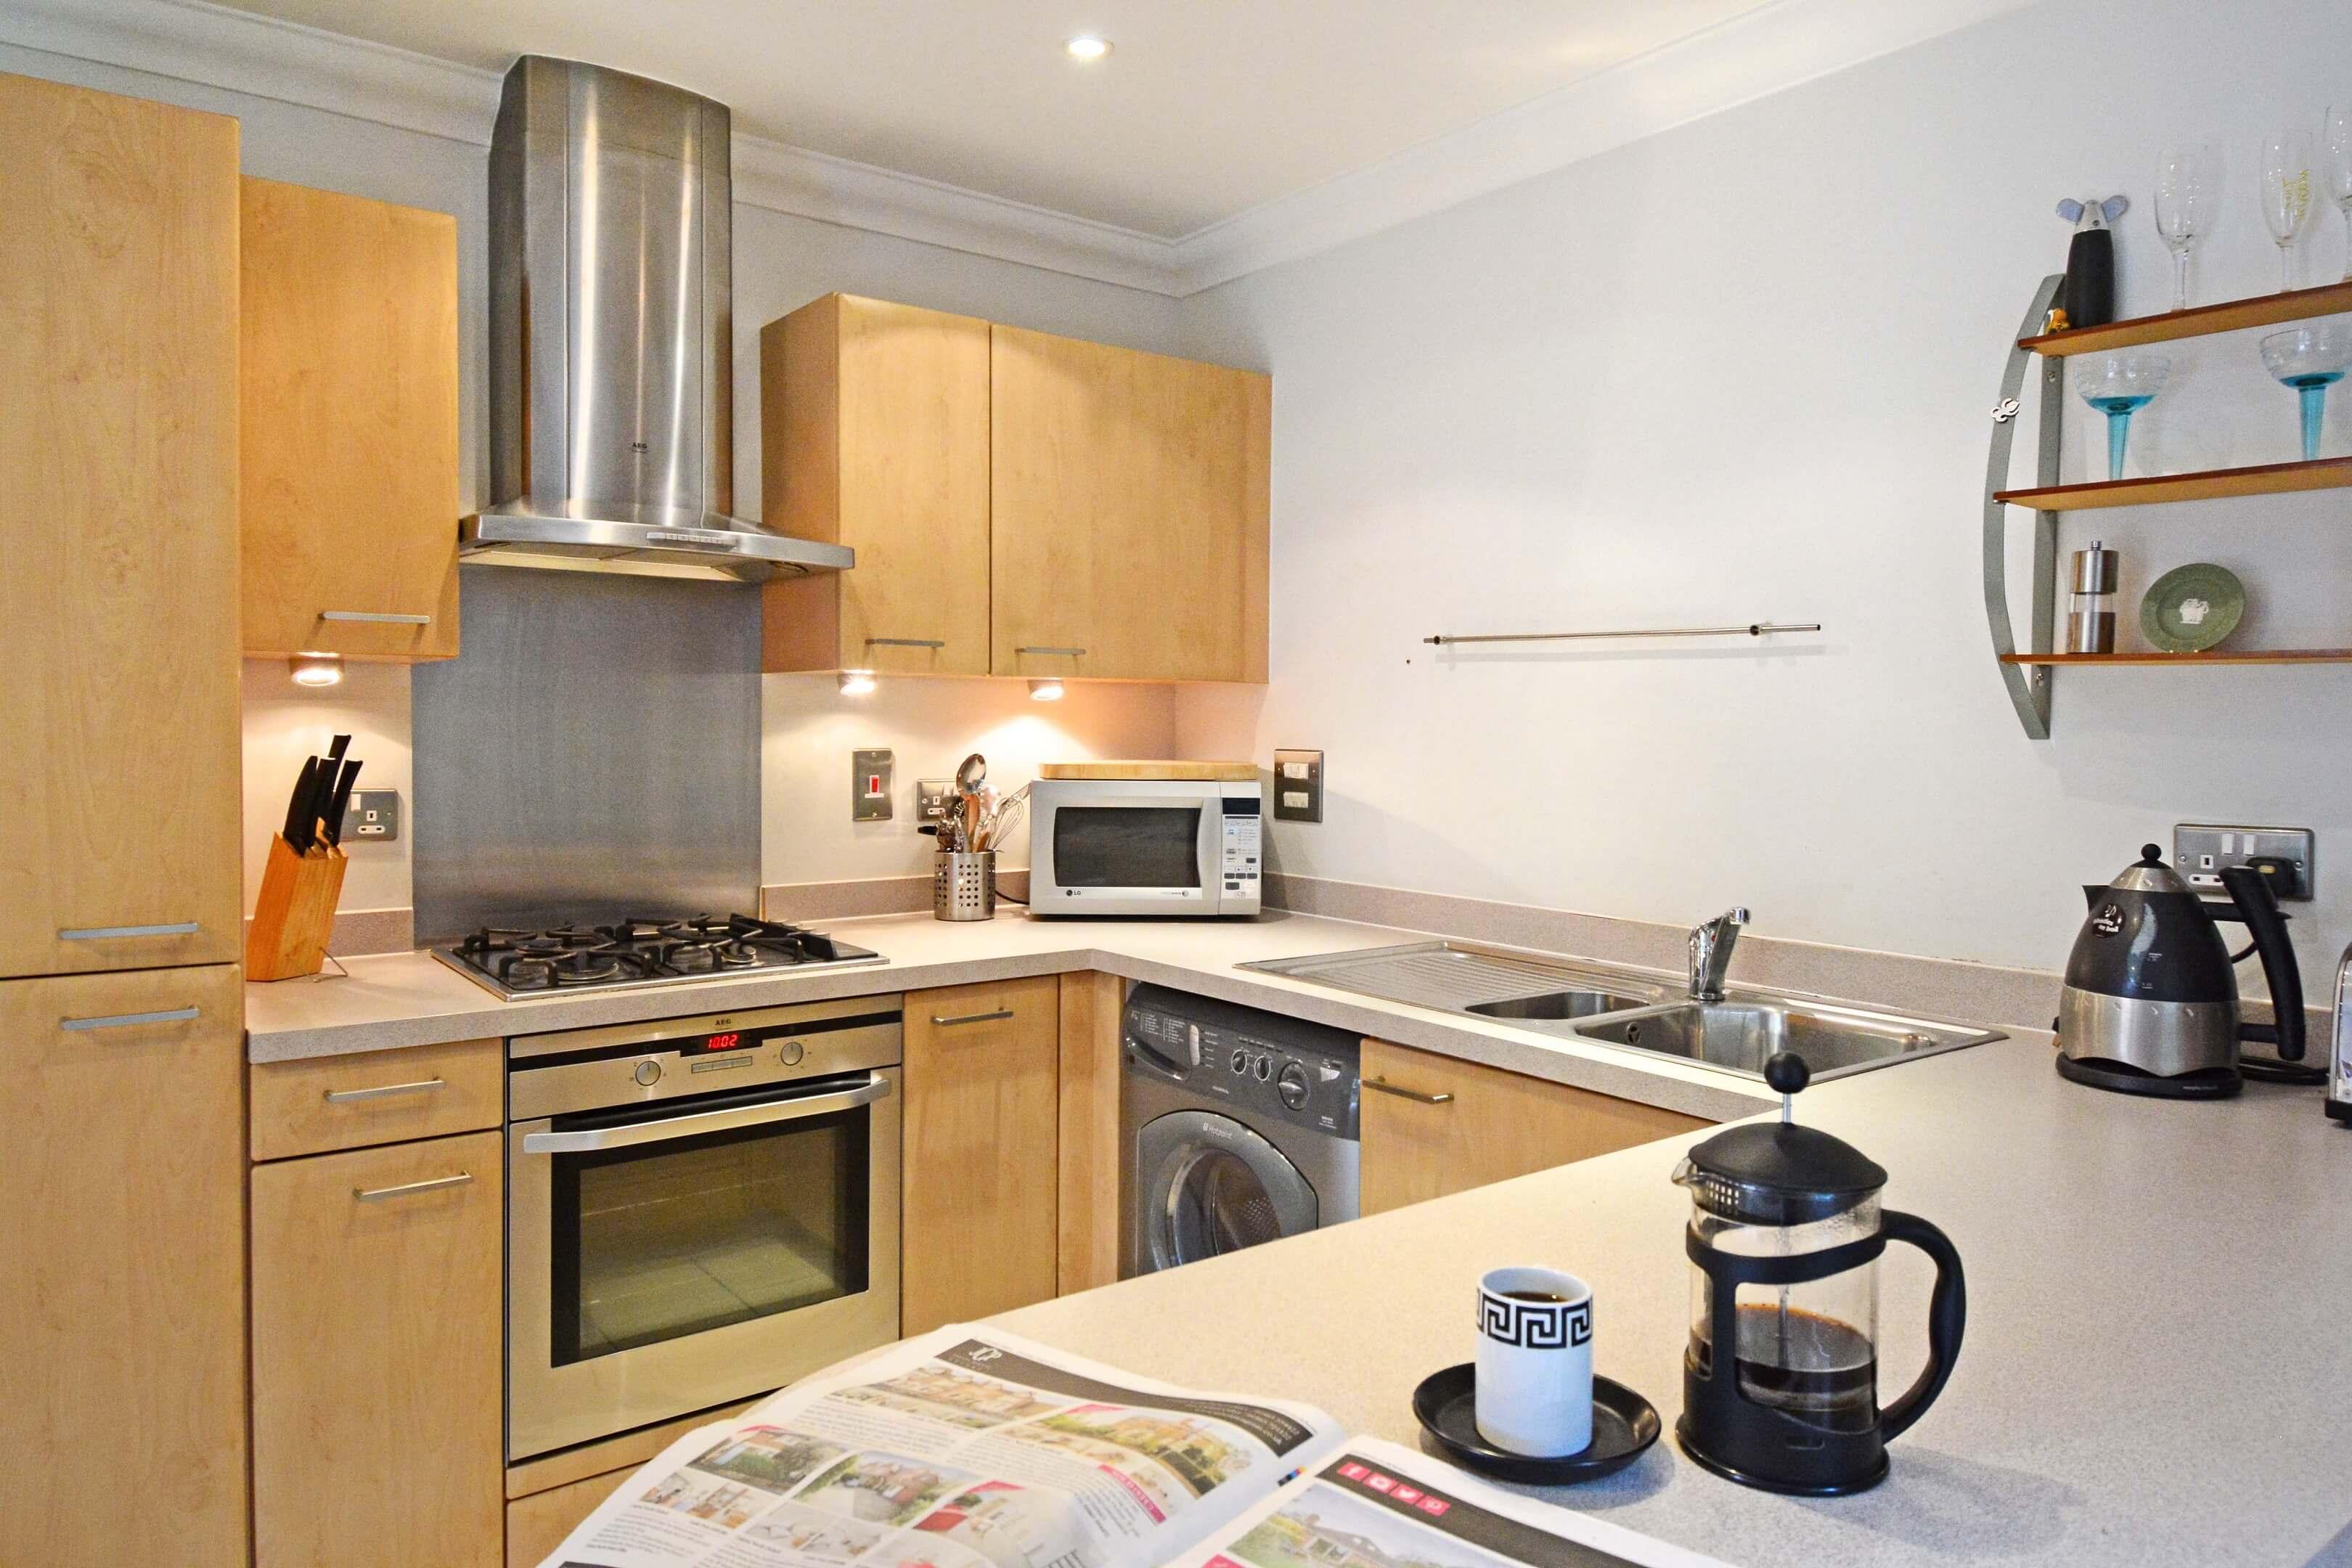 Oxford One Bedroom Elizabeth Jennings Way Kitchen 1